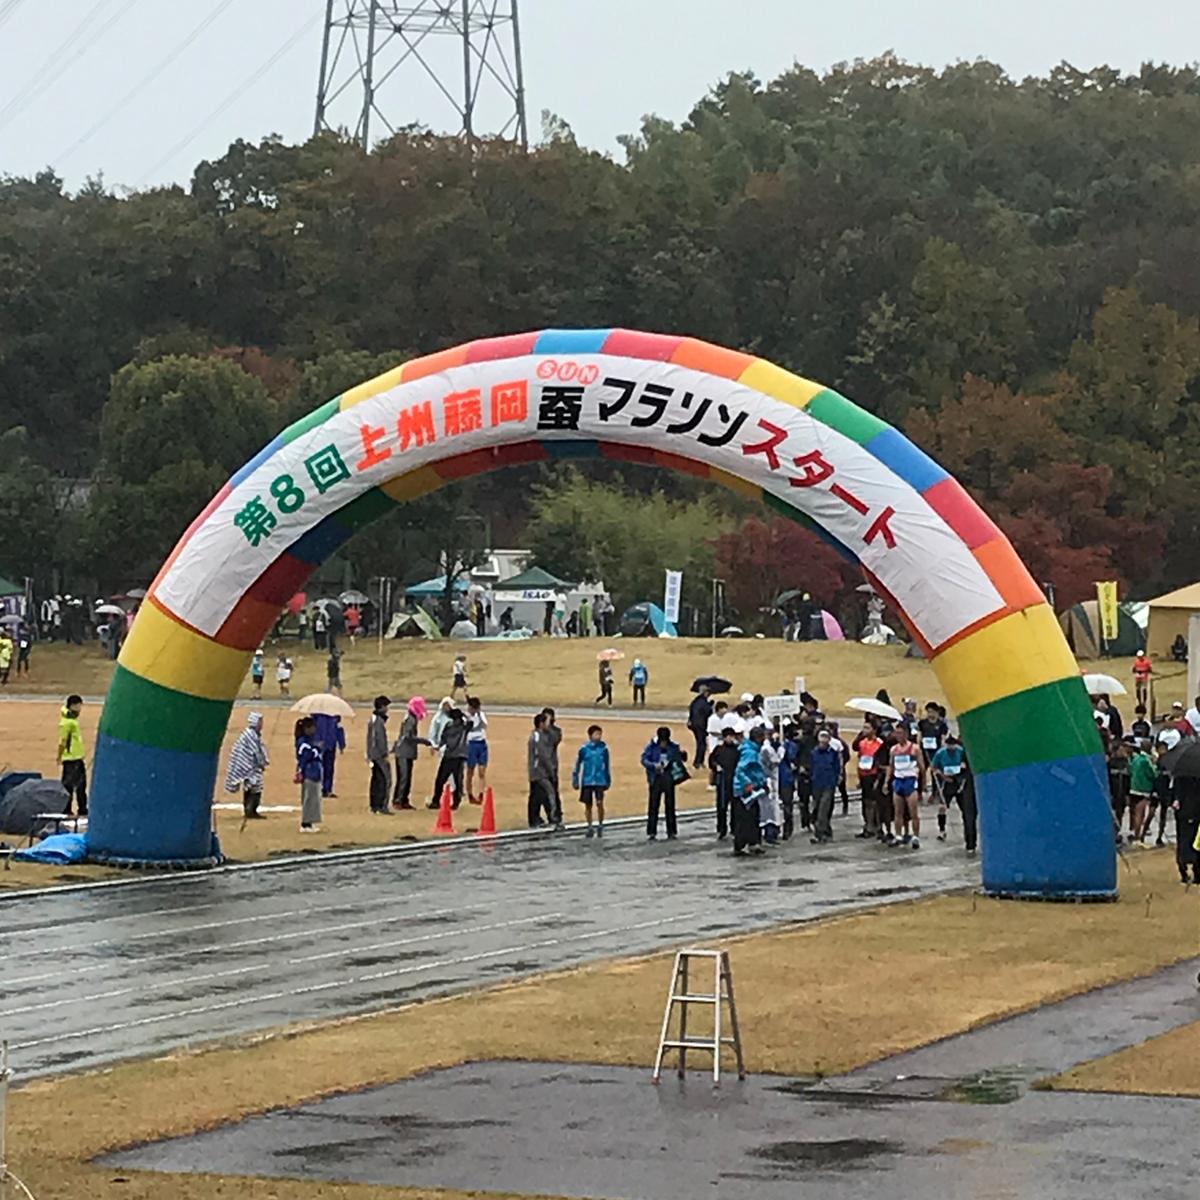 上州藤岡蚕マラソン 2019